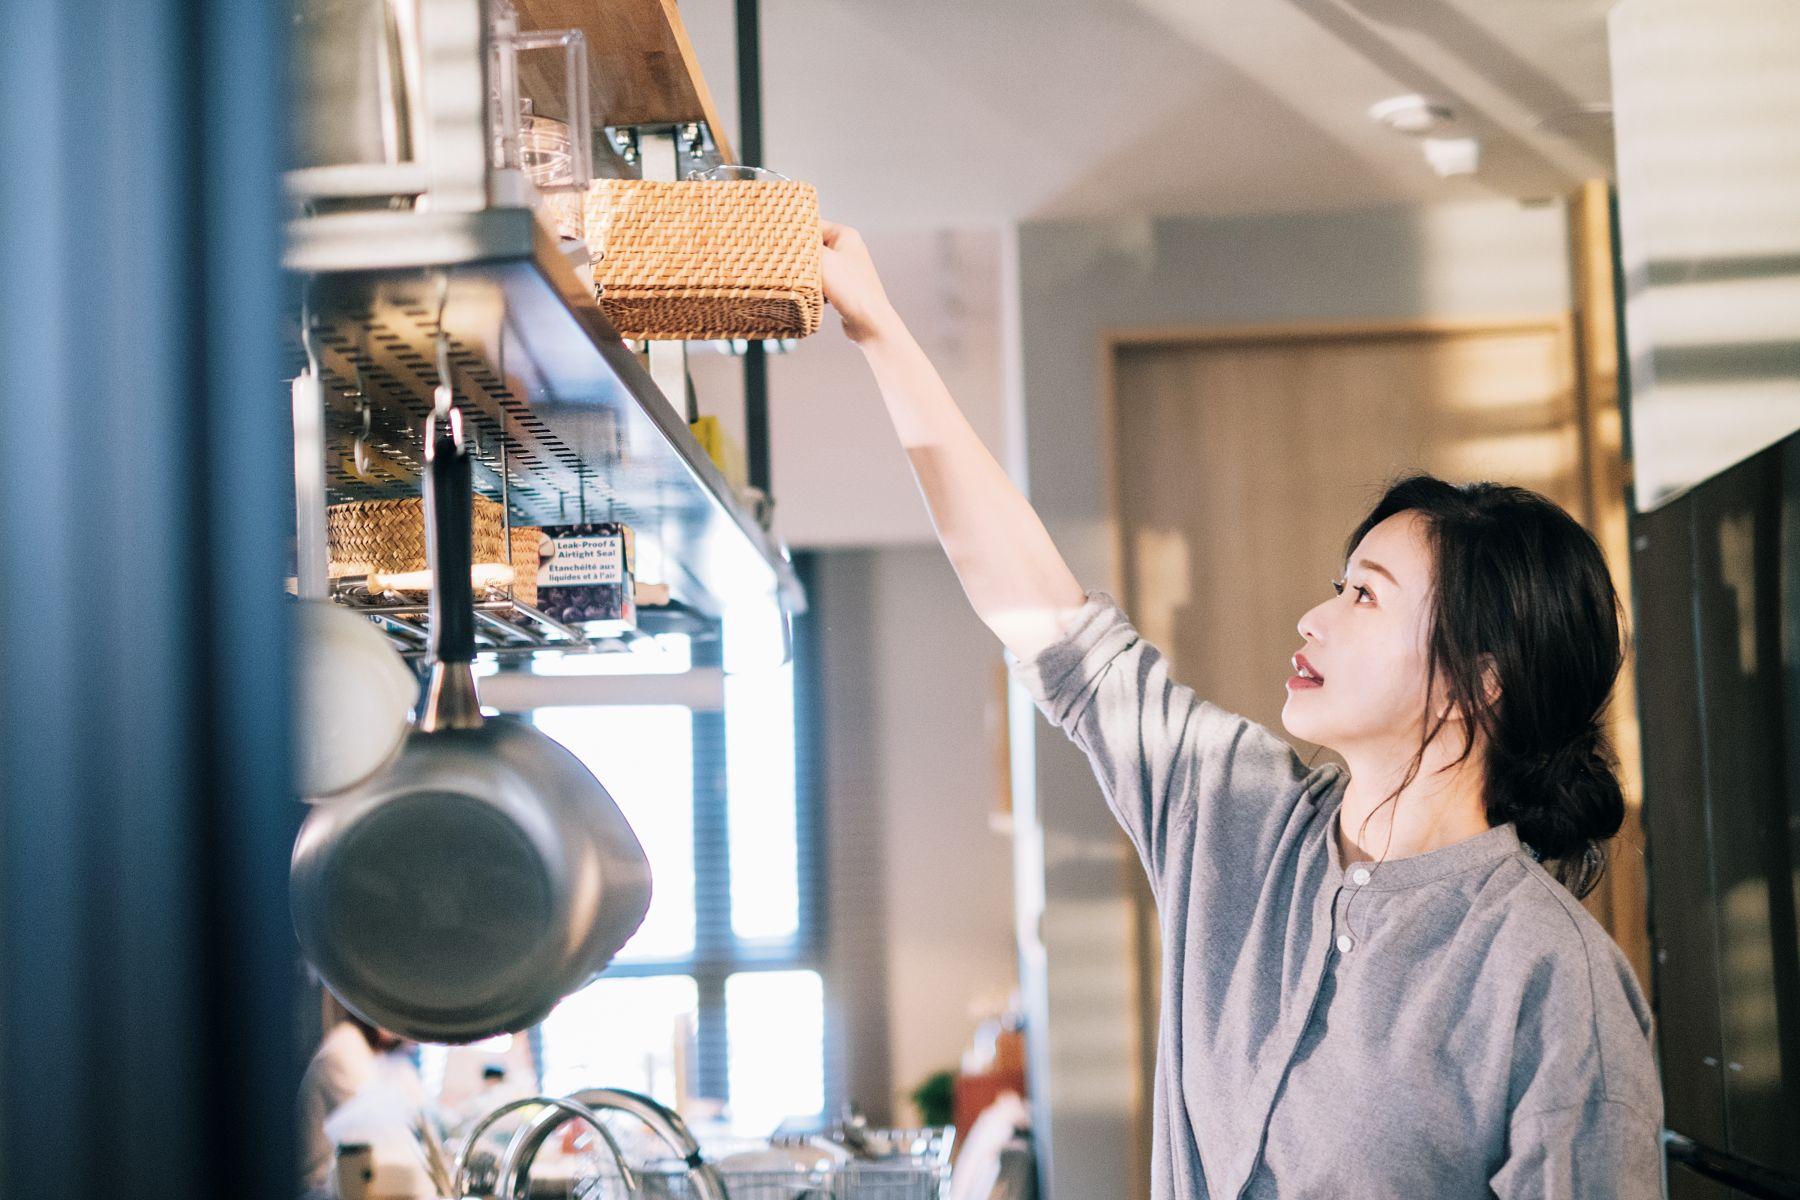 廚房收納妙招:2步驟讓廚房空間有如坪數大升級